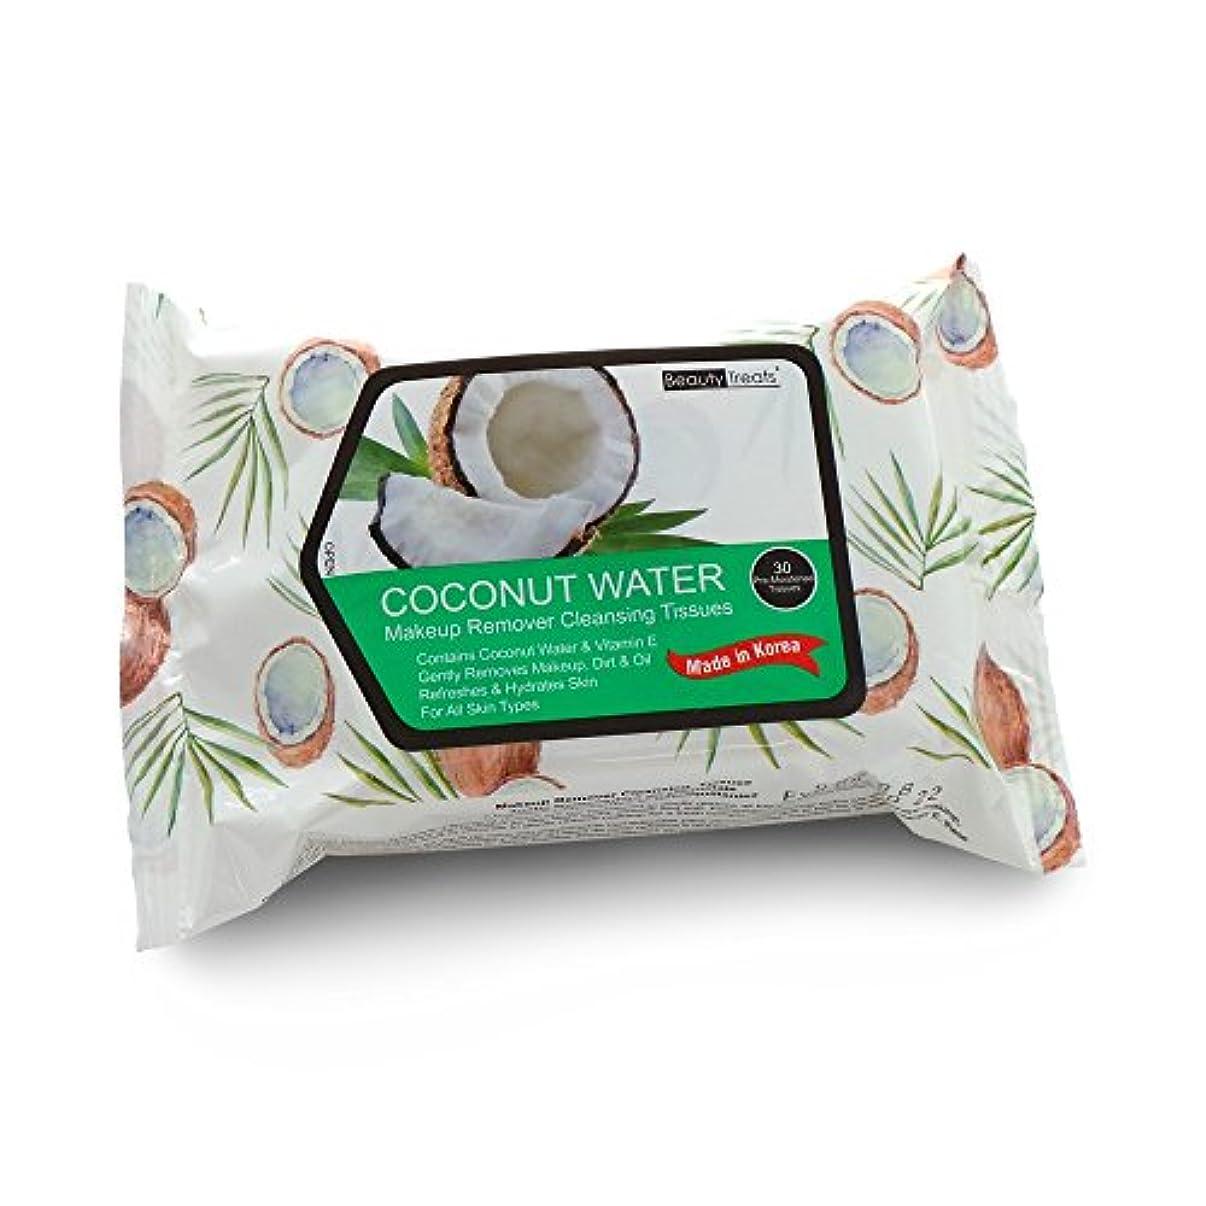 プラットフォーム道徳くるくる(6 Pack) BEAUTY TREATS Coconut Water Makeup Remover Cleaning Tissues (並行輸入品)